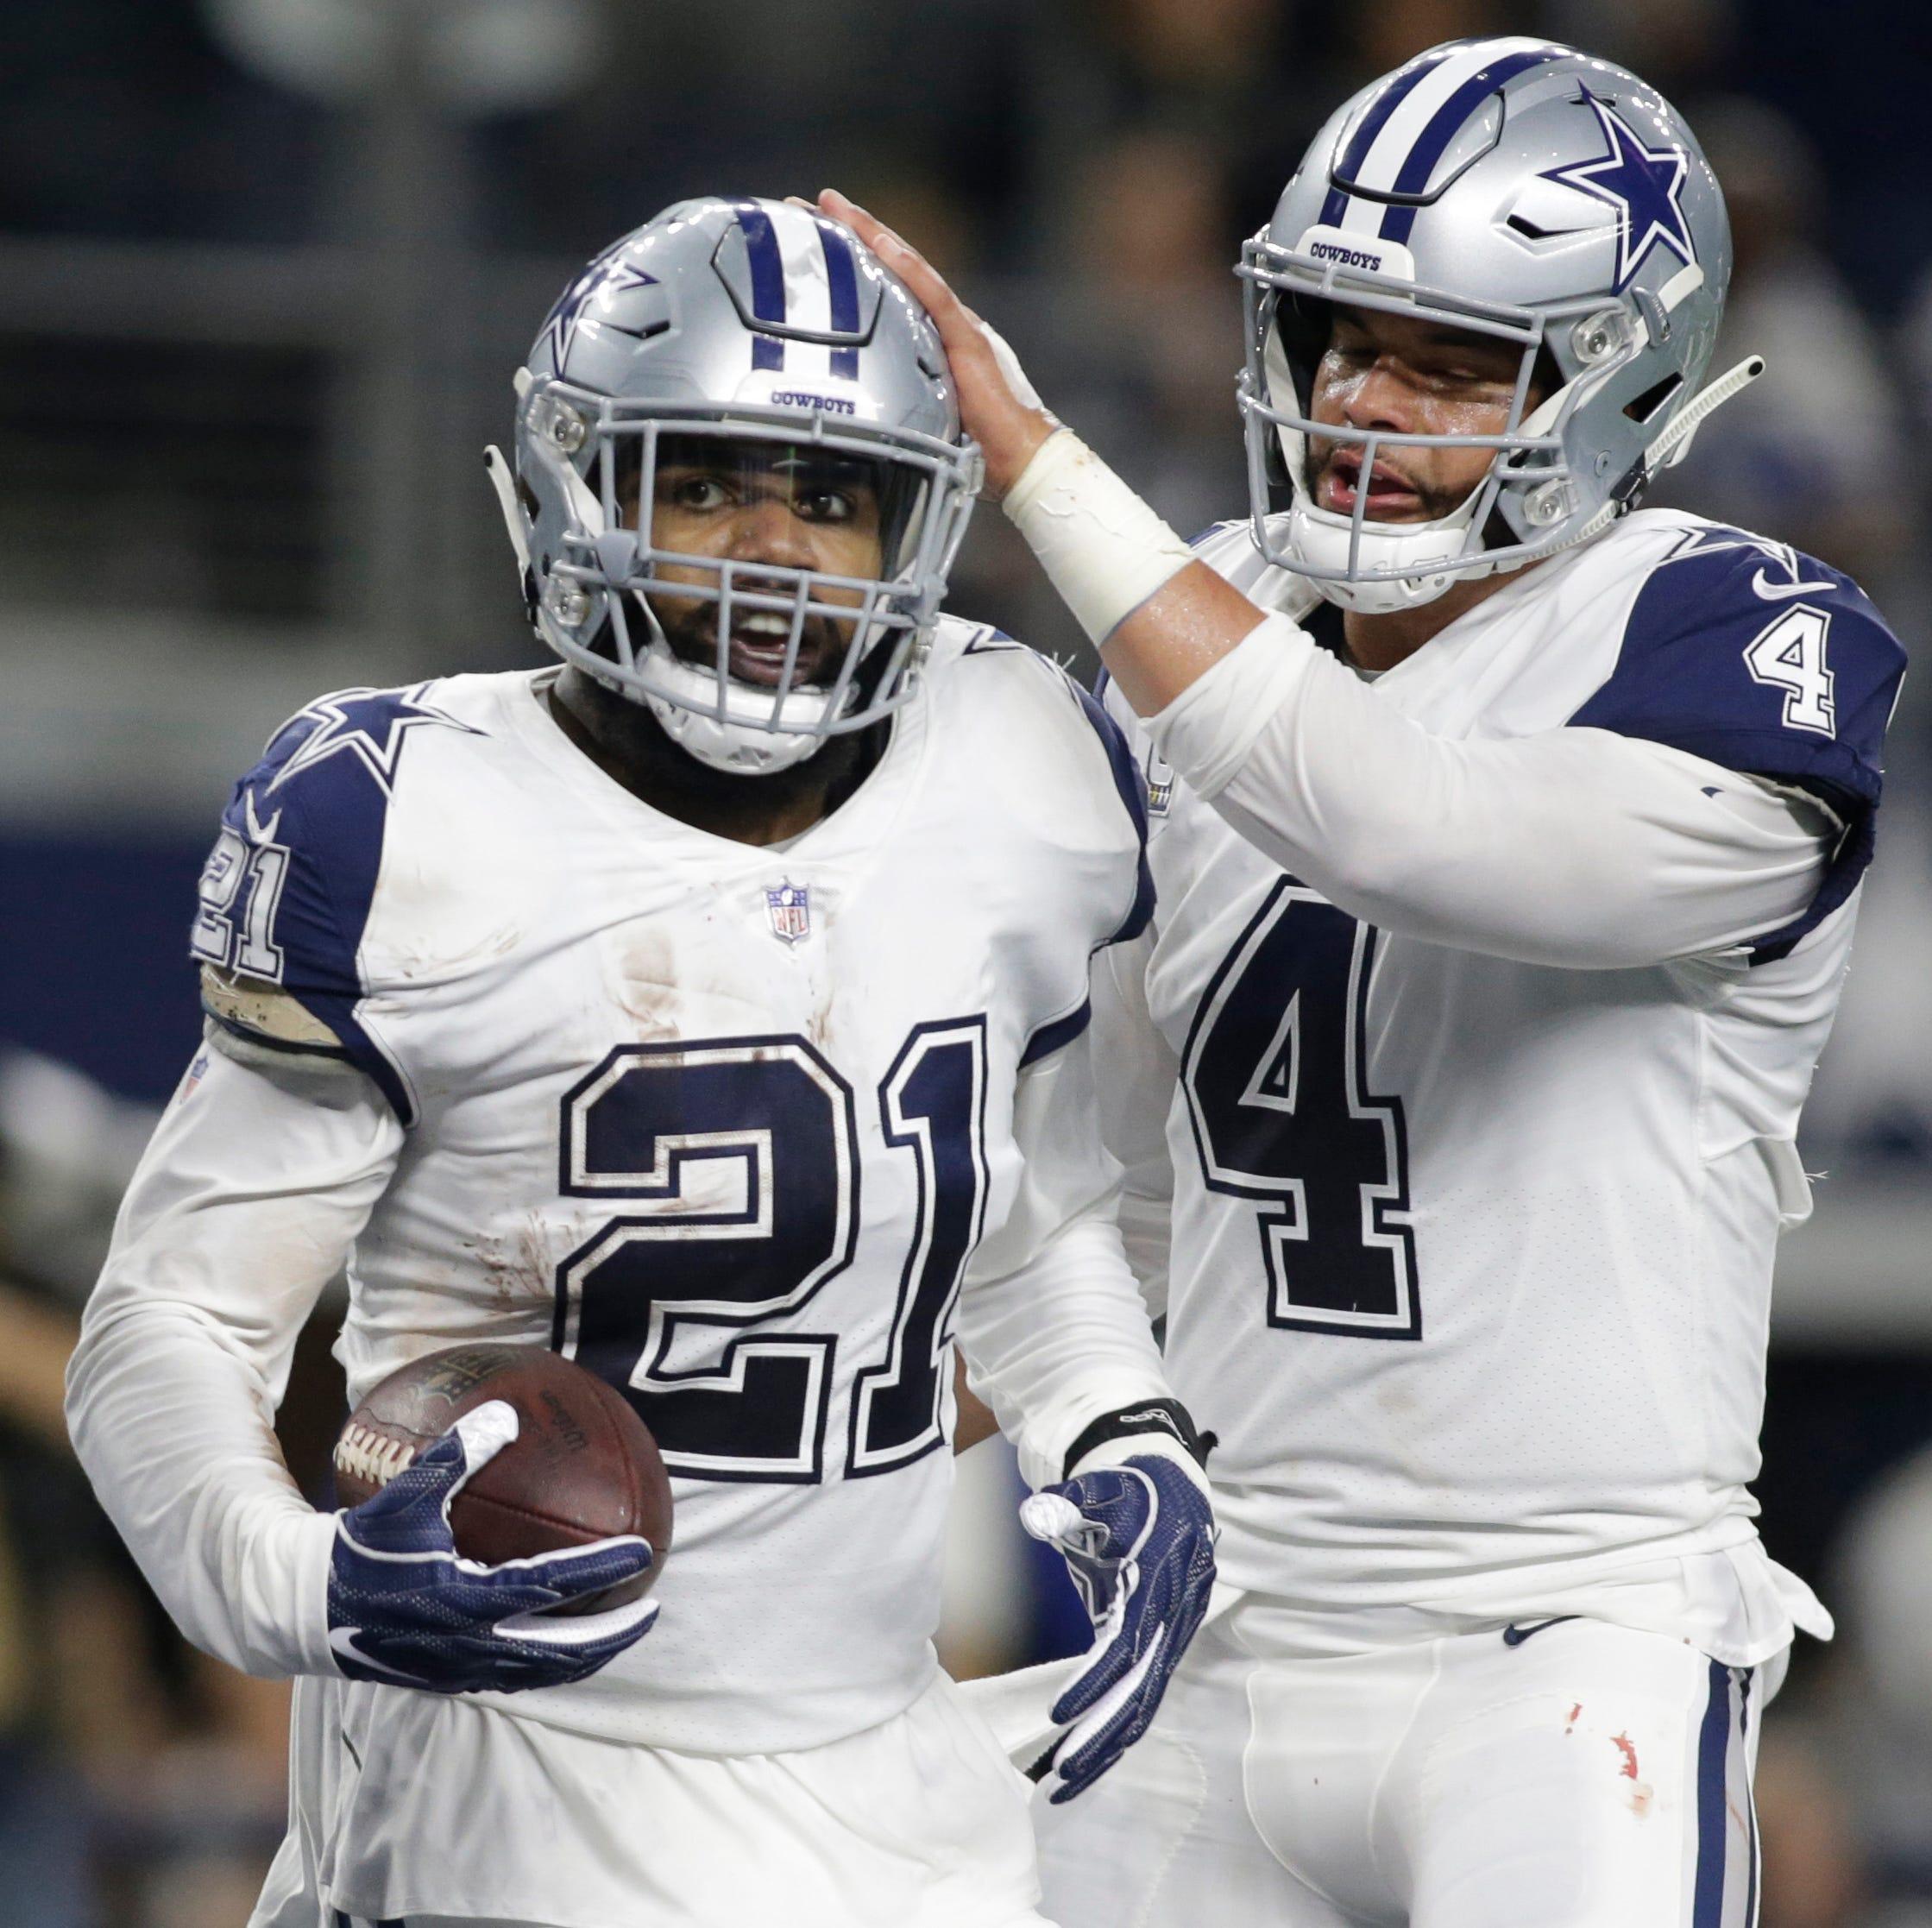 Nfl New Orleans Saints At Dallas Cowboys